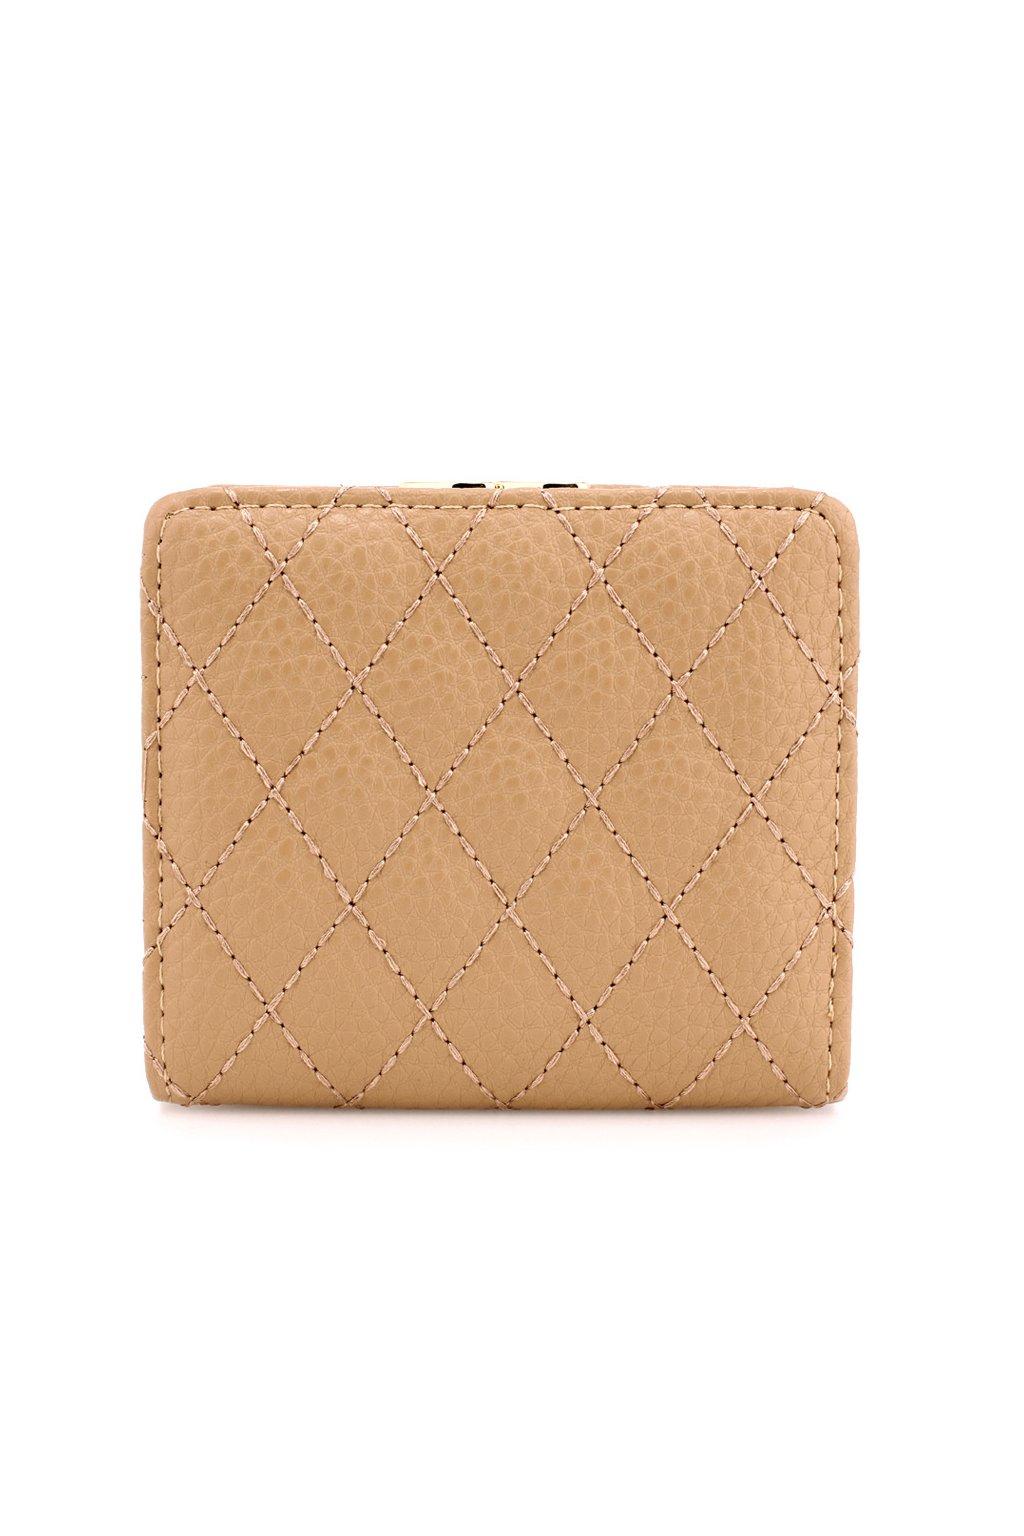 Telová peňaženka pre ženy Claire AGP1084